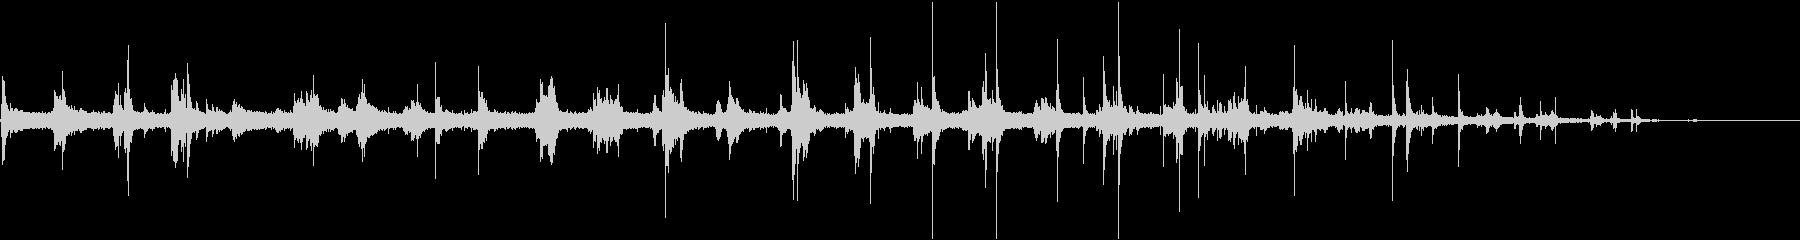 ピチョピチョ…ボールを水道水で洗う音の未再生の波形